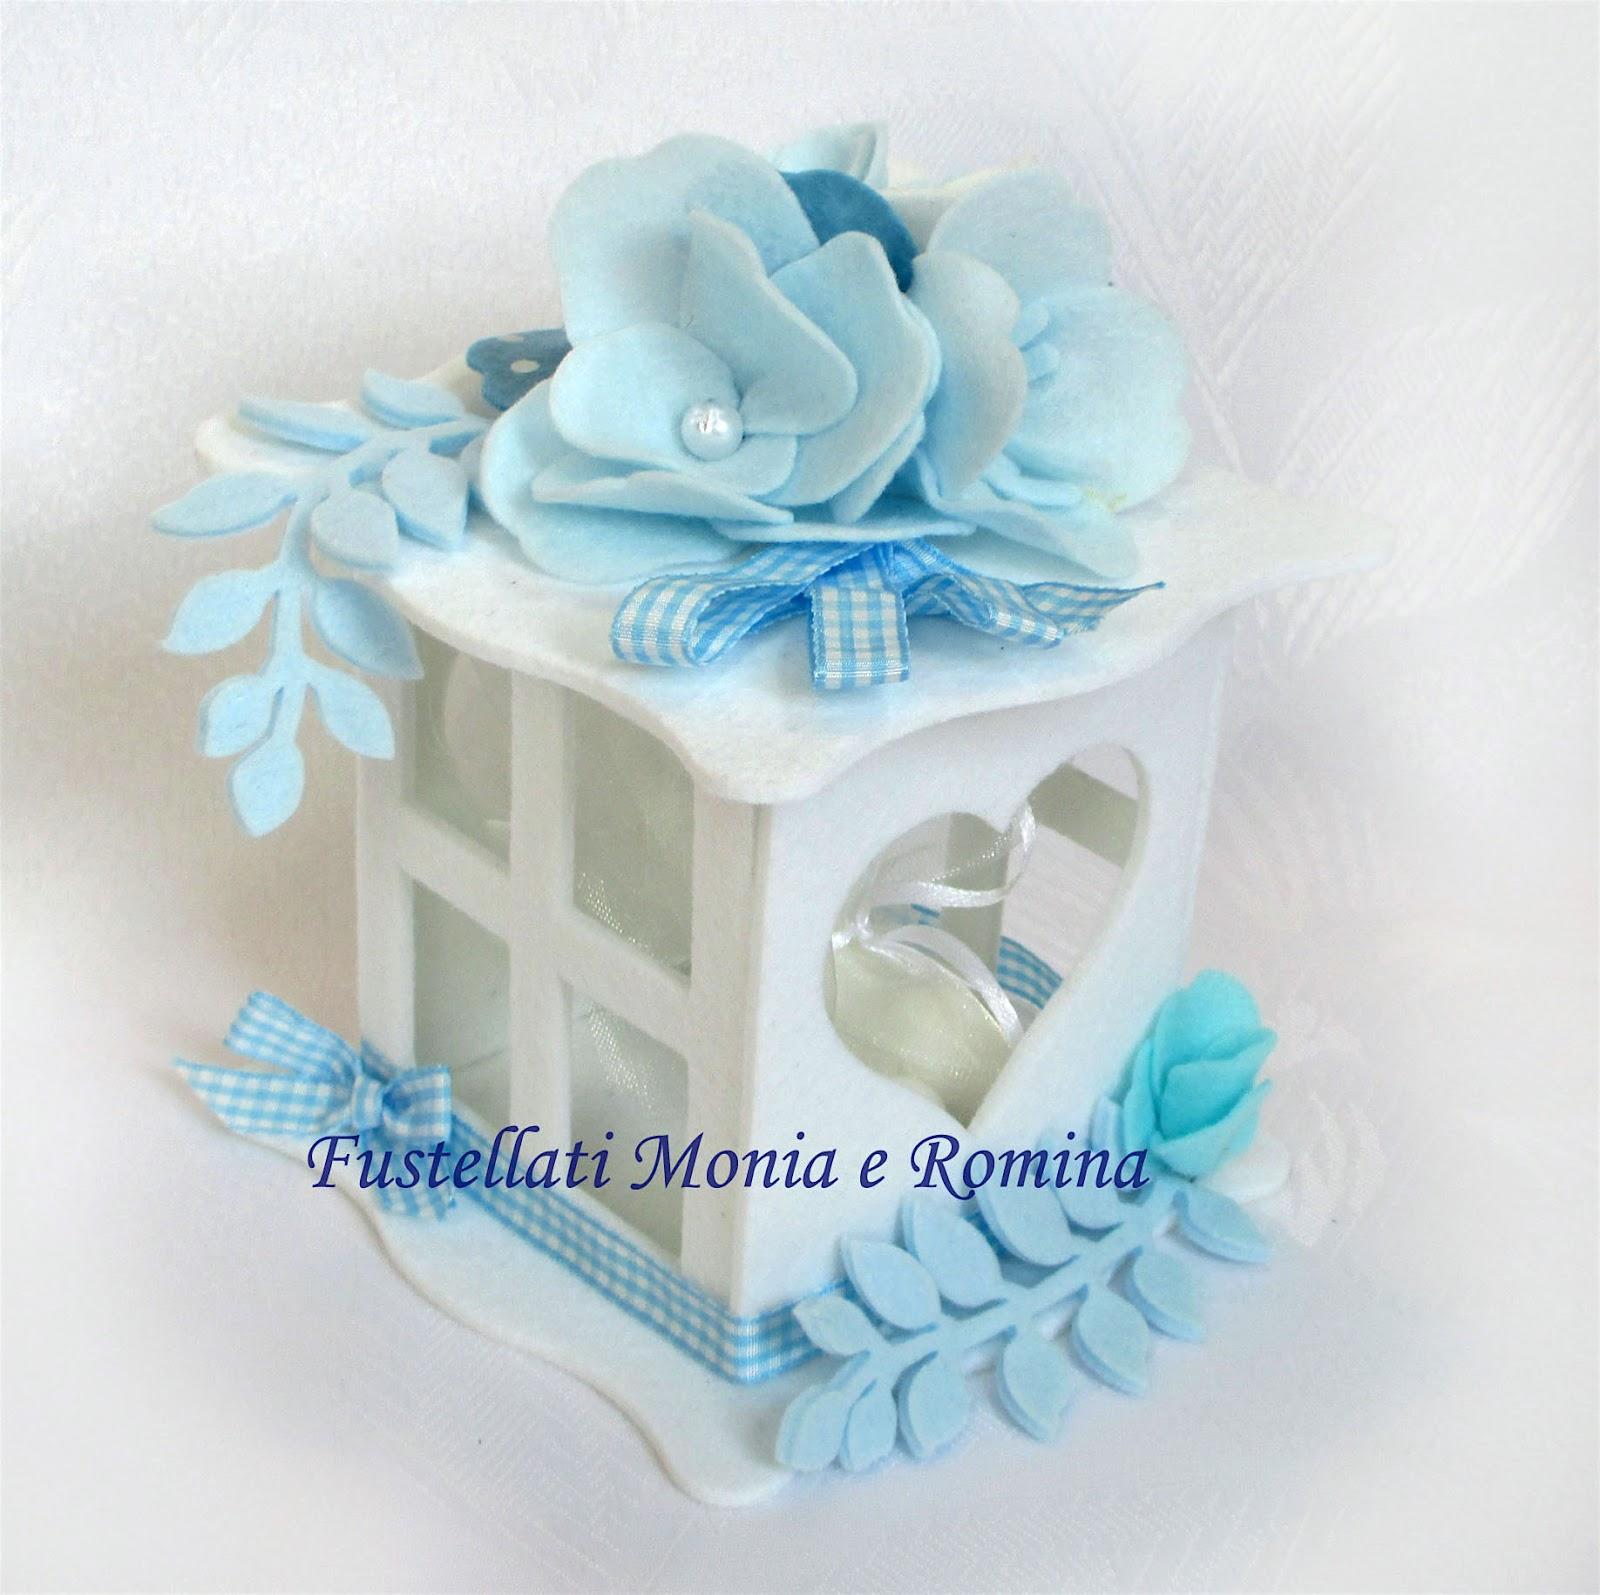 Immagini battesimo bambina for Papillon bambino fai da te